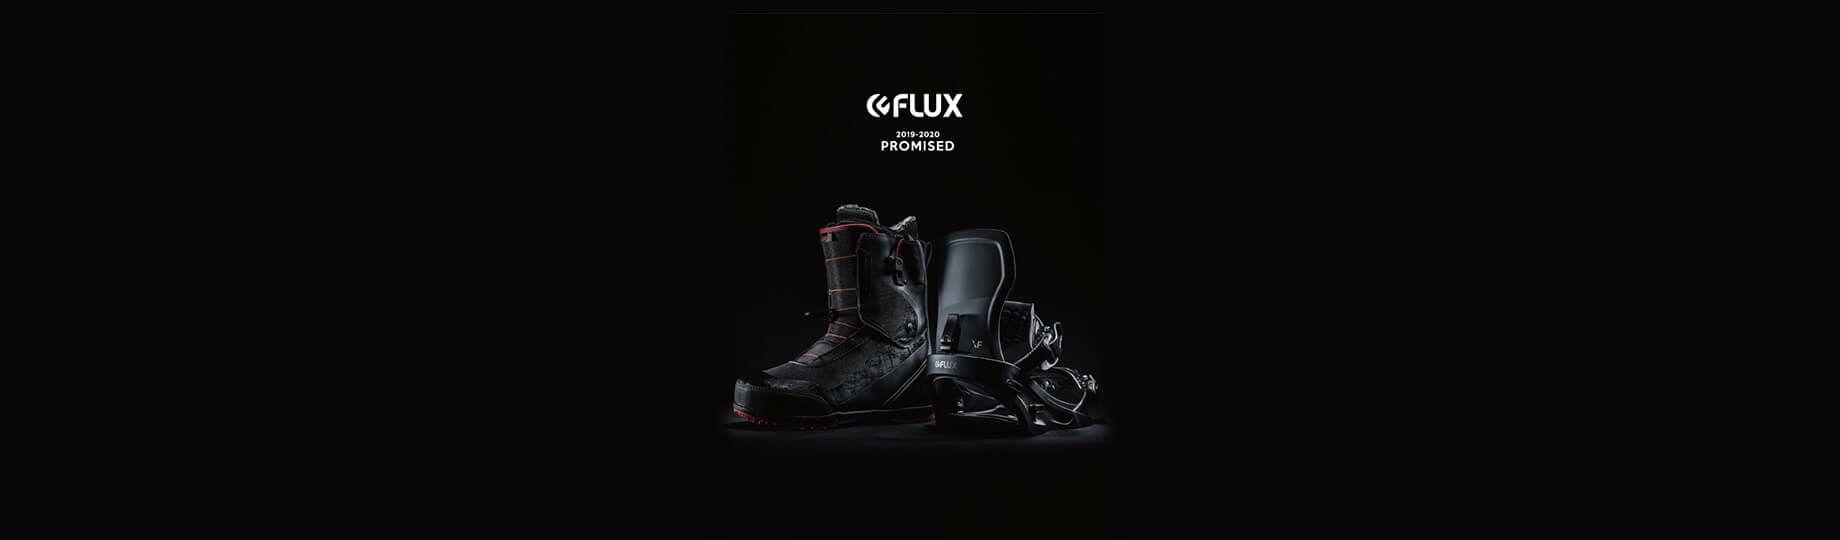 FLUXメイン画像